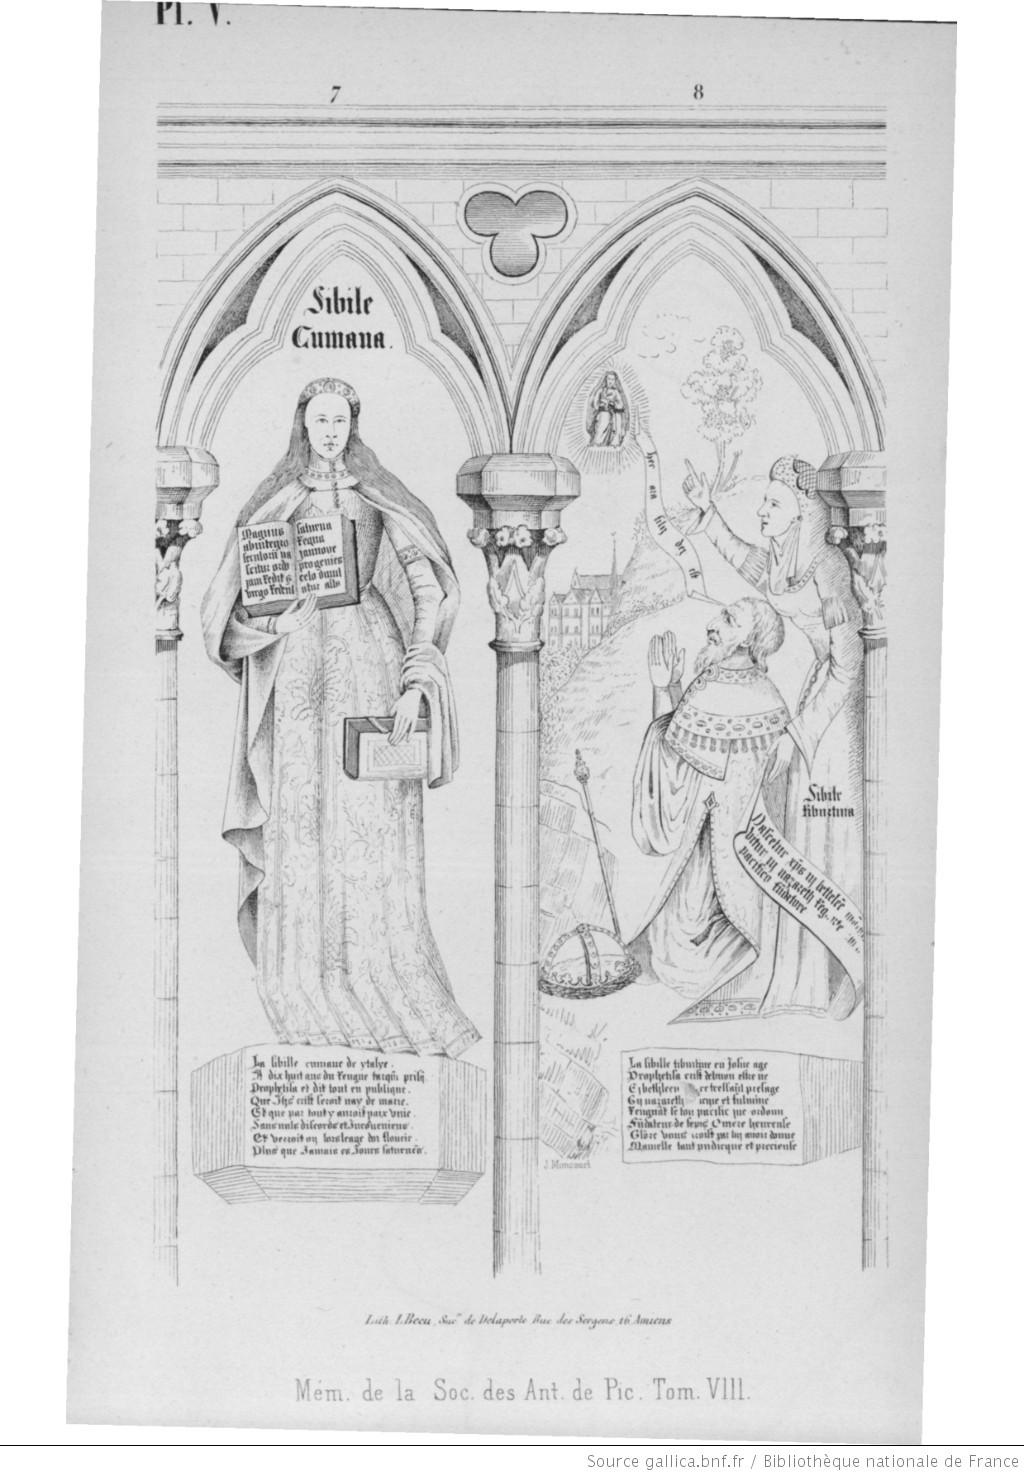 1520 Cathedrale Amiens Memoires de la Societe des Antiquaires de Picardie, tome VIII de 1845